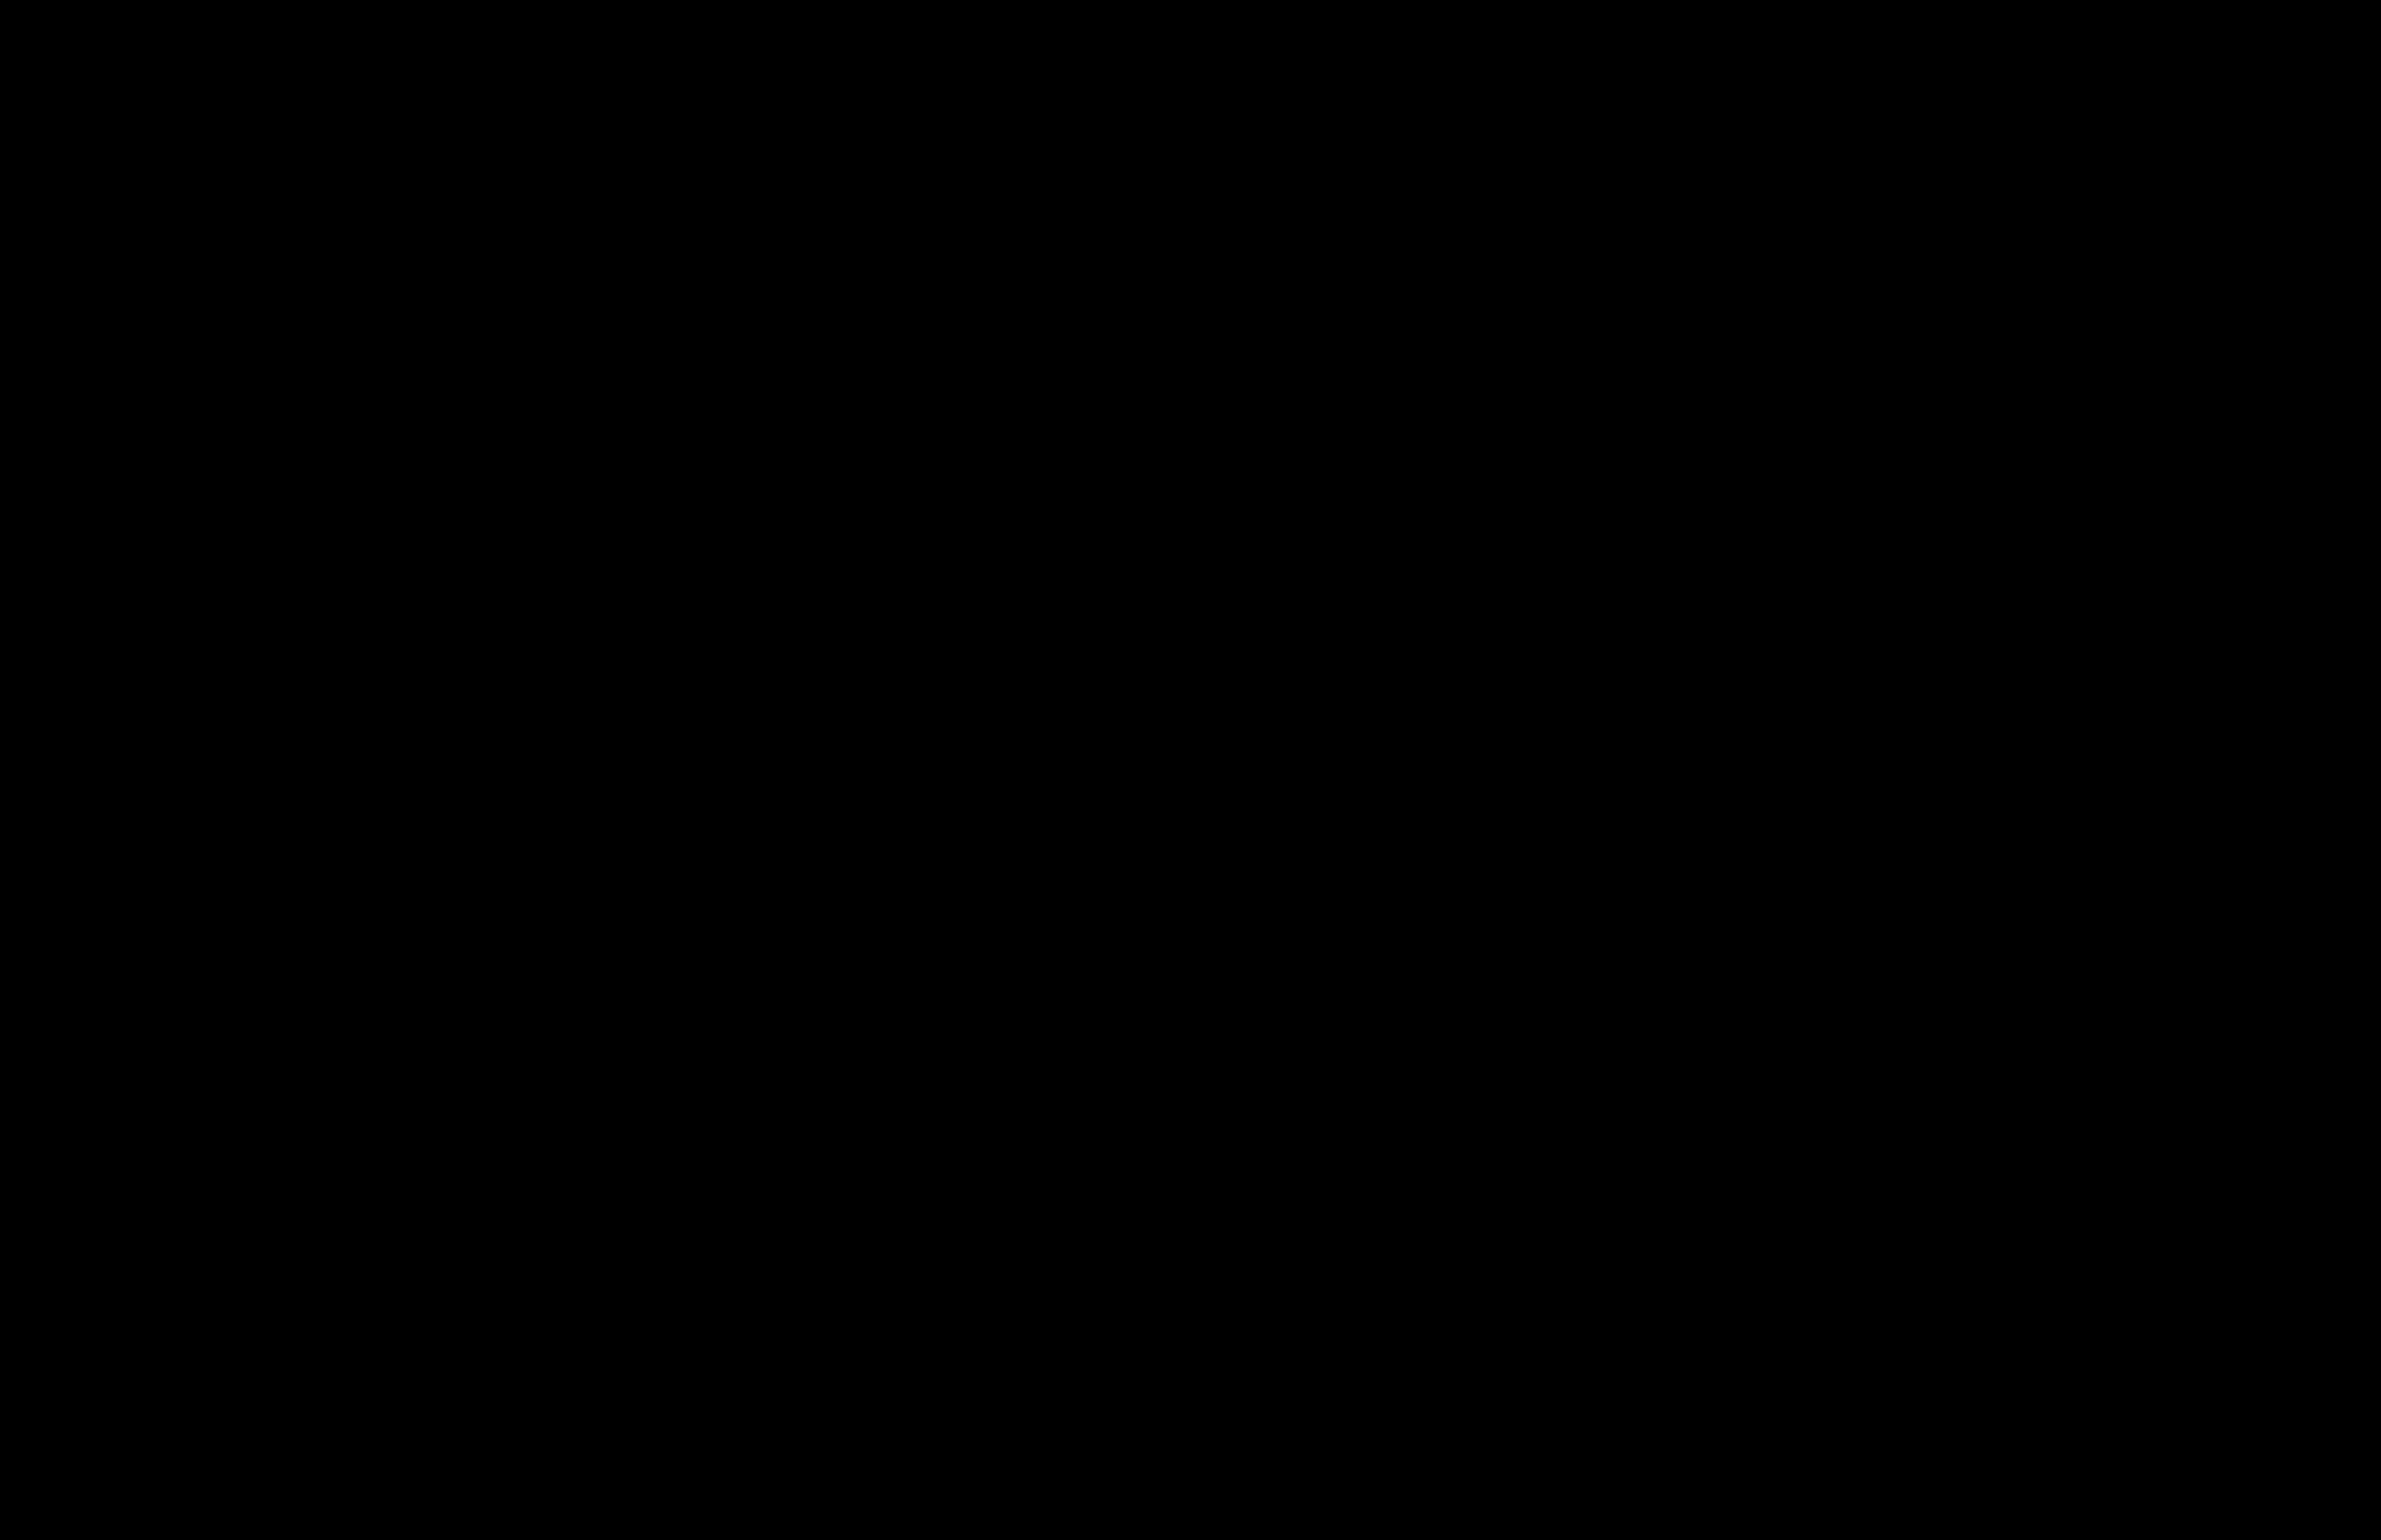 Spring Fiesta 2018- A Vegetarian Porluck